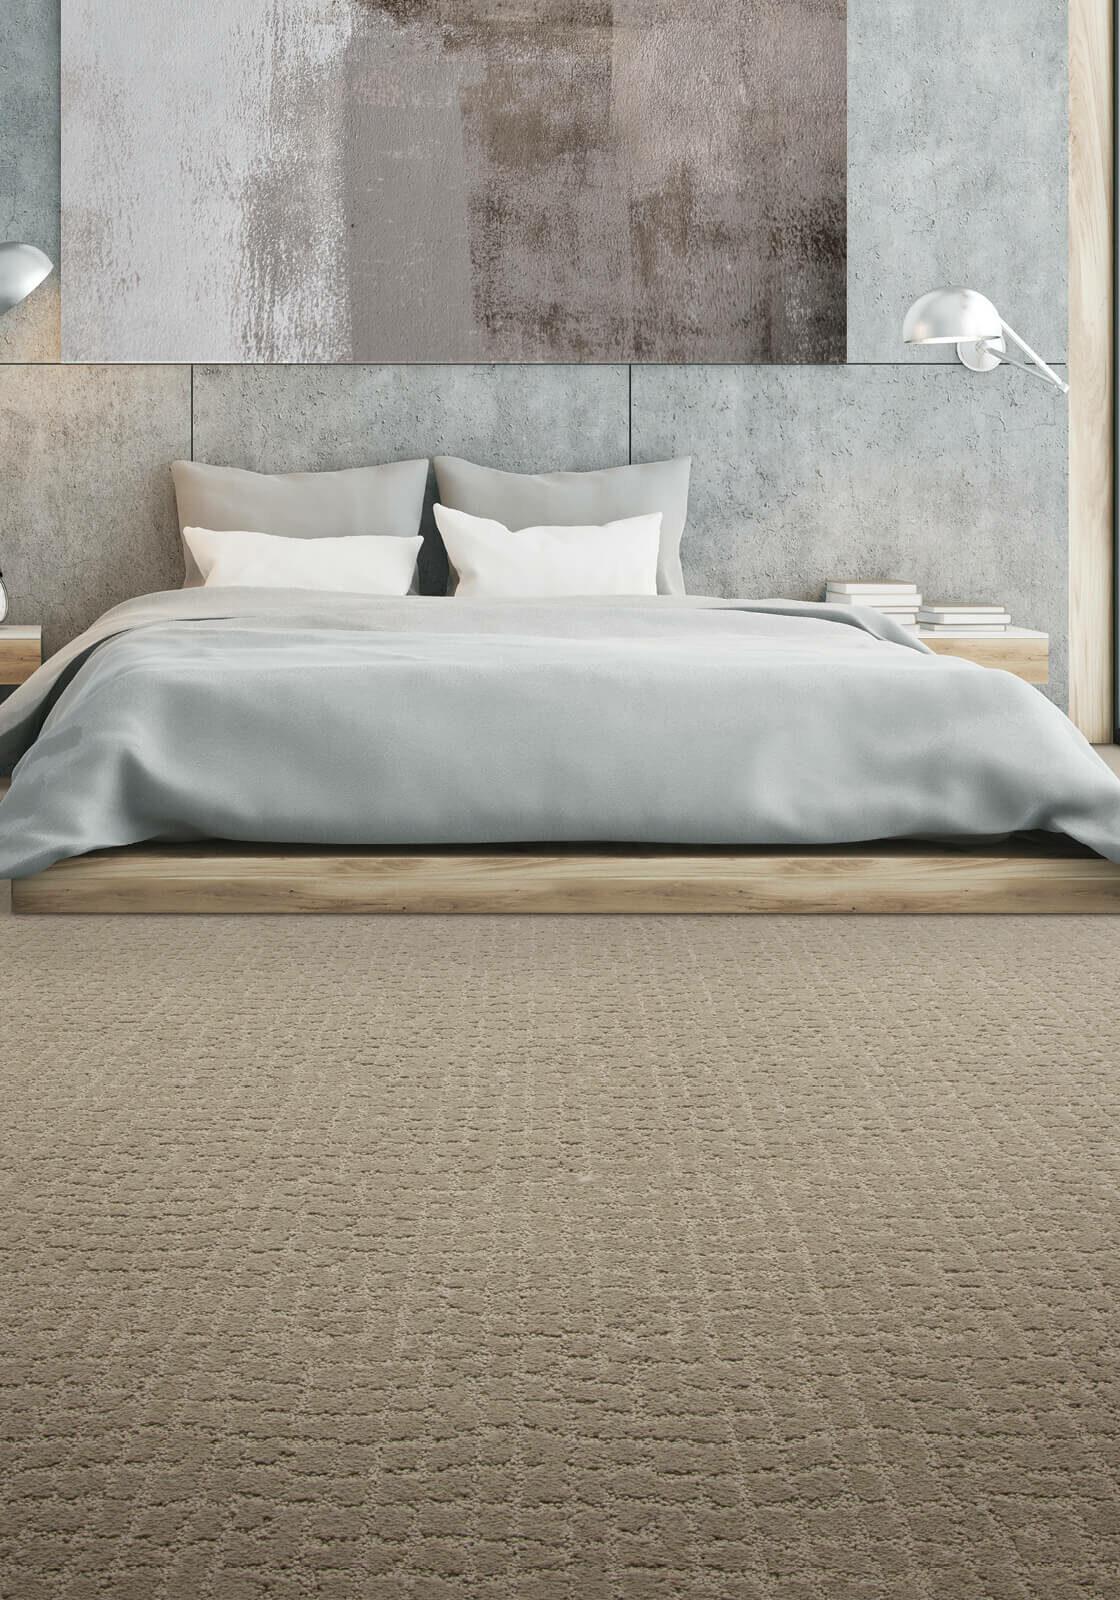 mohawk exquisite carpet | Dolphin Carpet & Tile